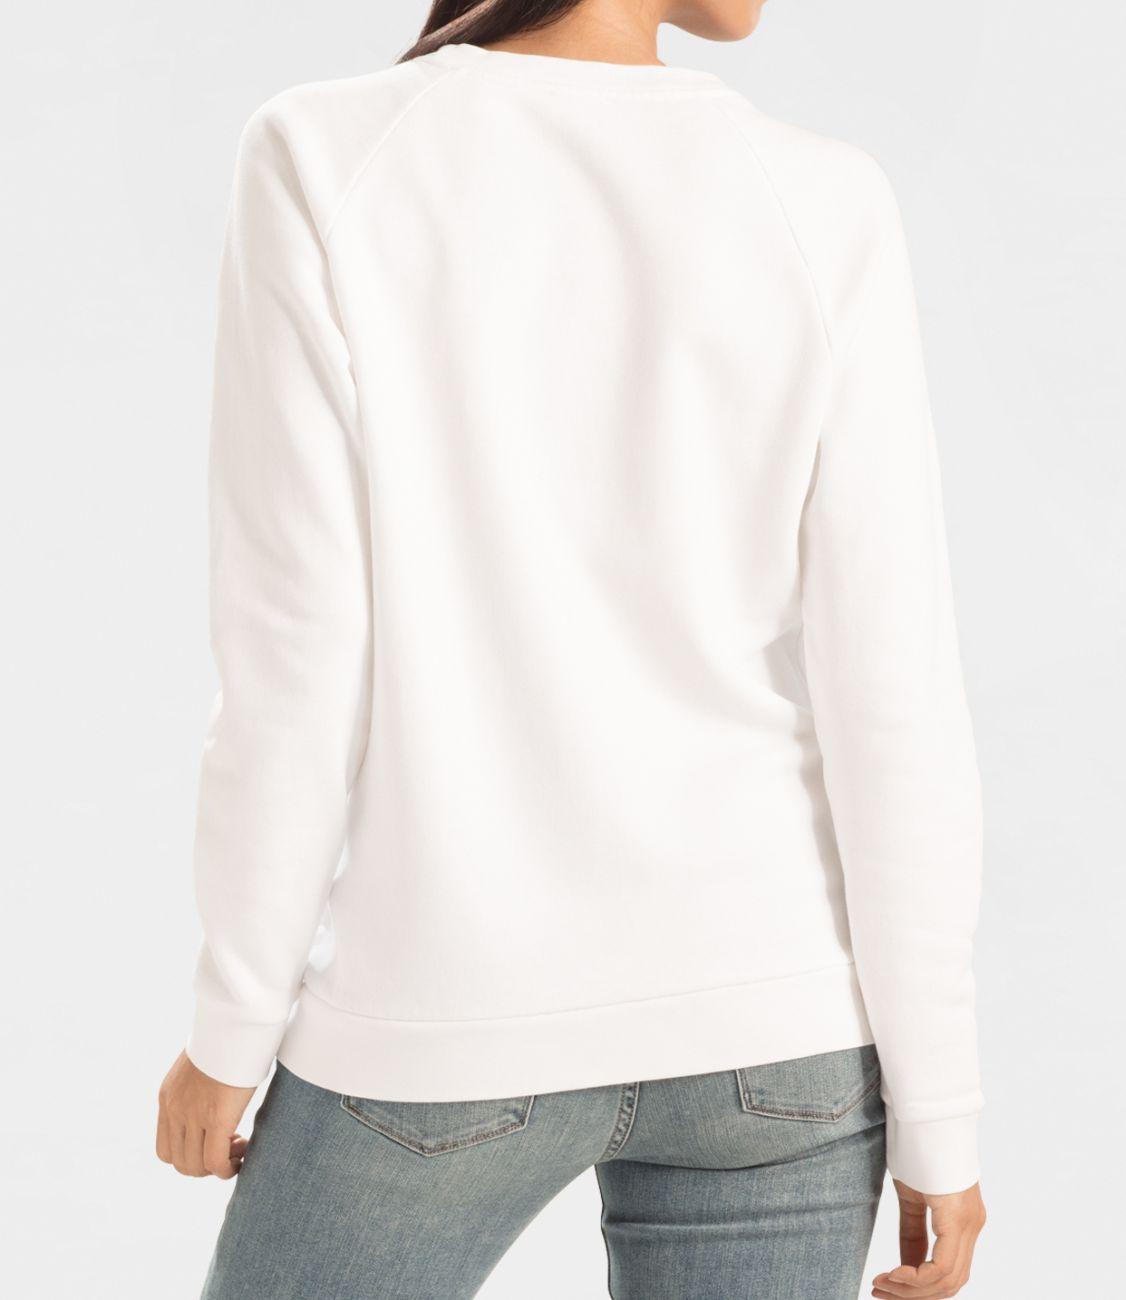 LEVIS Sweater für Damen Pullover 29717-0014 weiss W18-LDP1